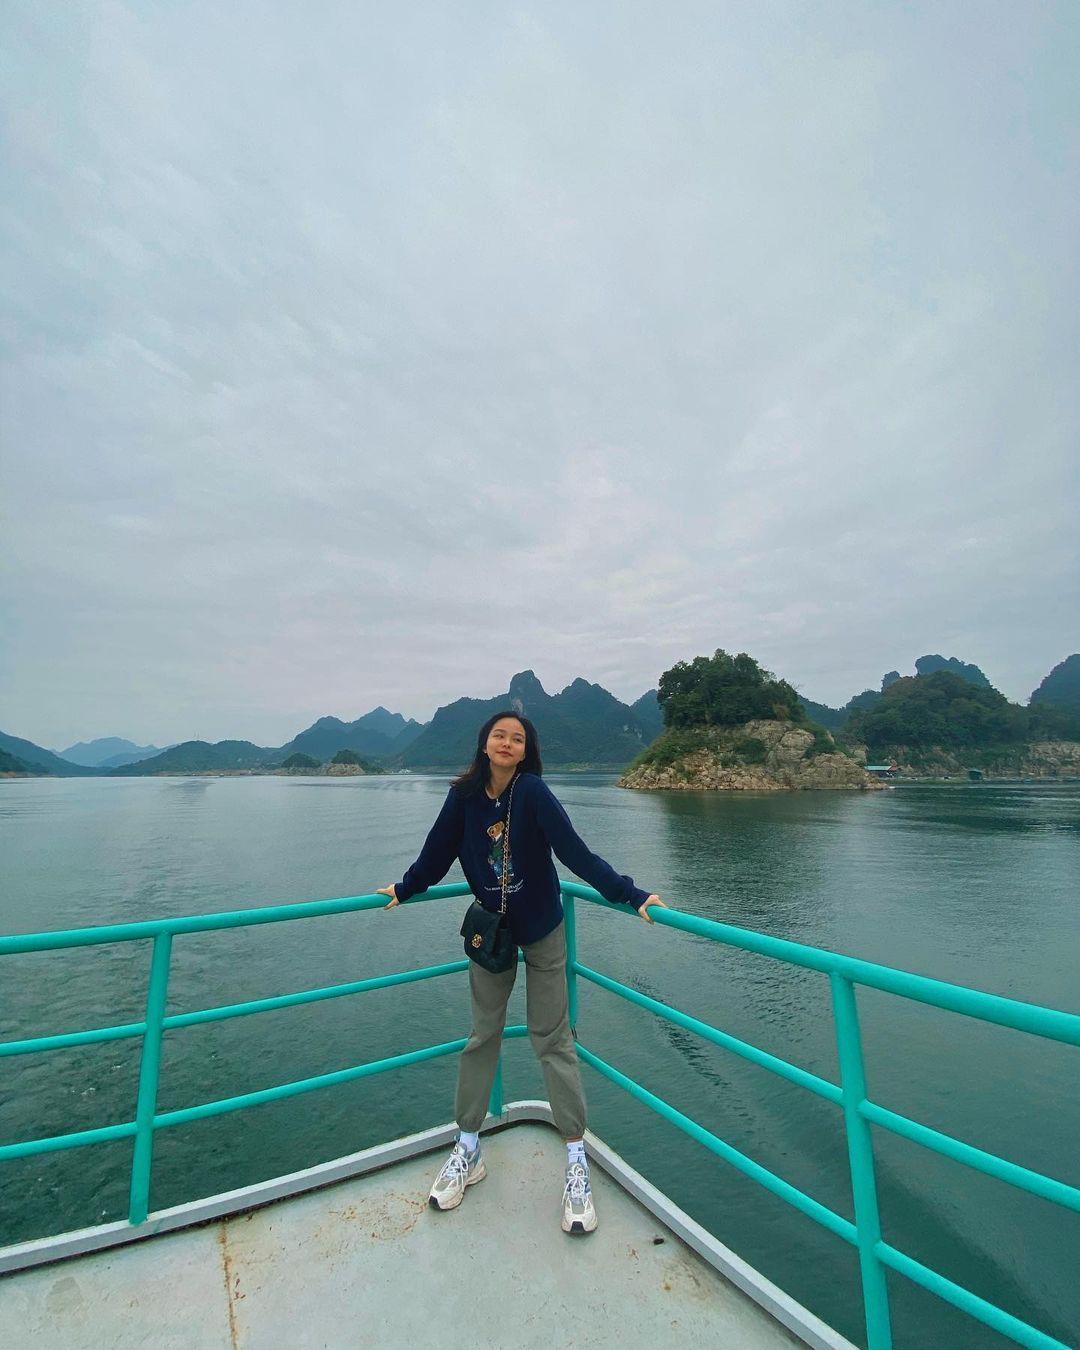 Trải nghiệm đi thuyền trên hồ ở Thung Nai. Hình: @leplnh